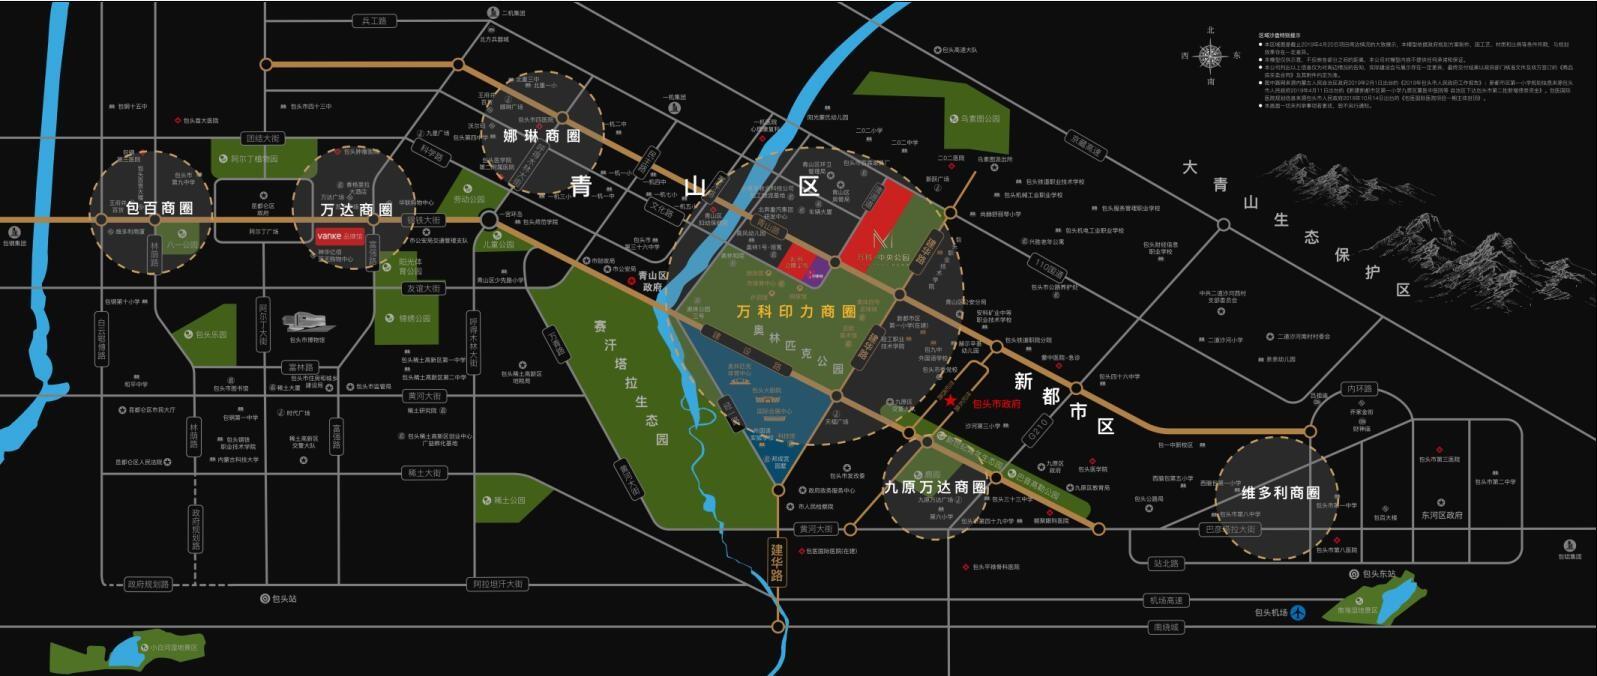 万科中央公园位置图